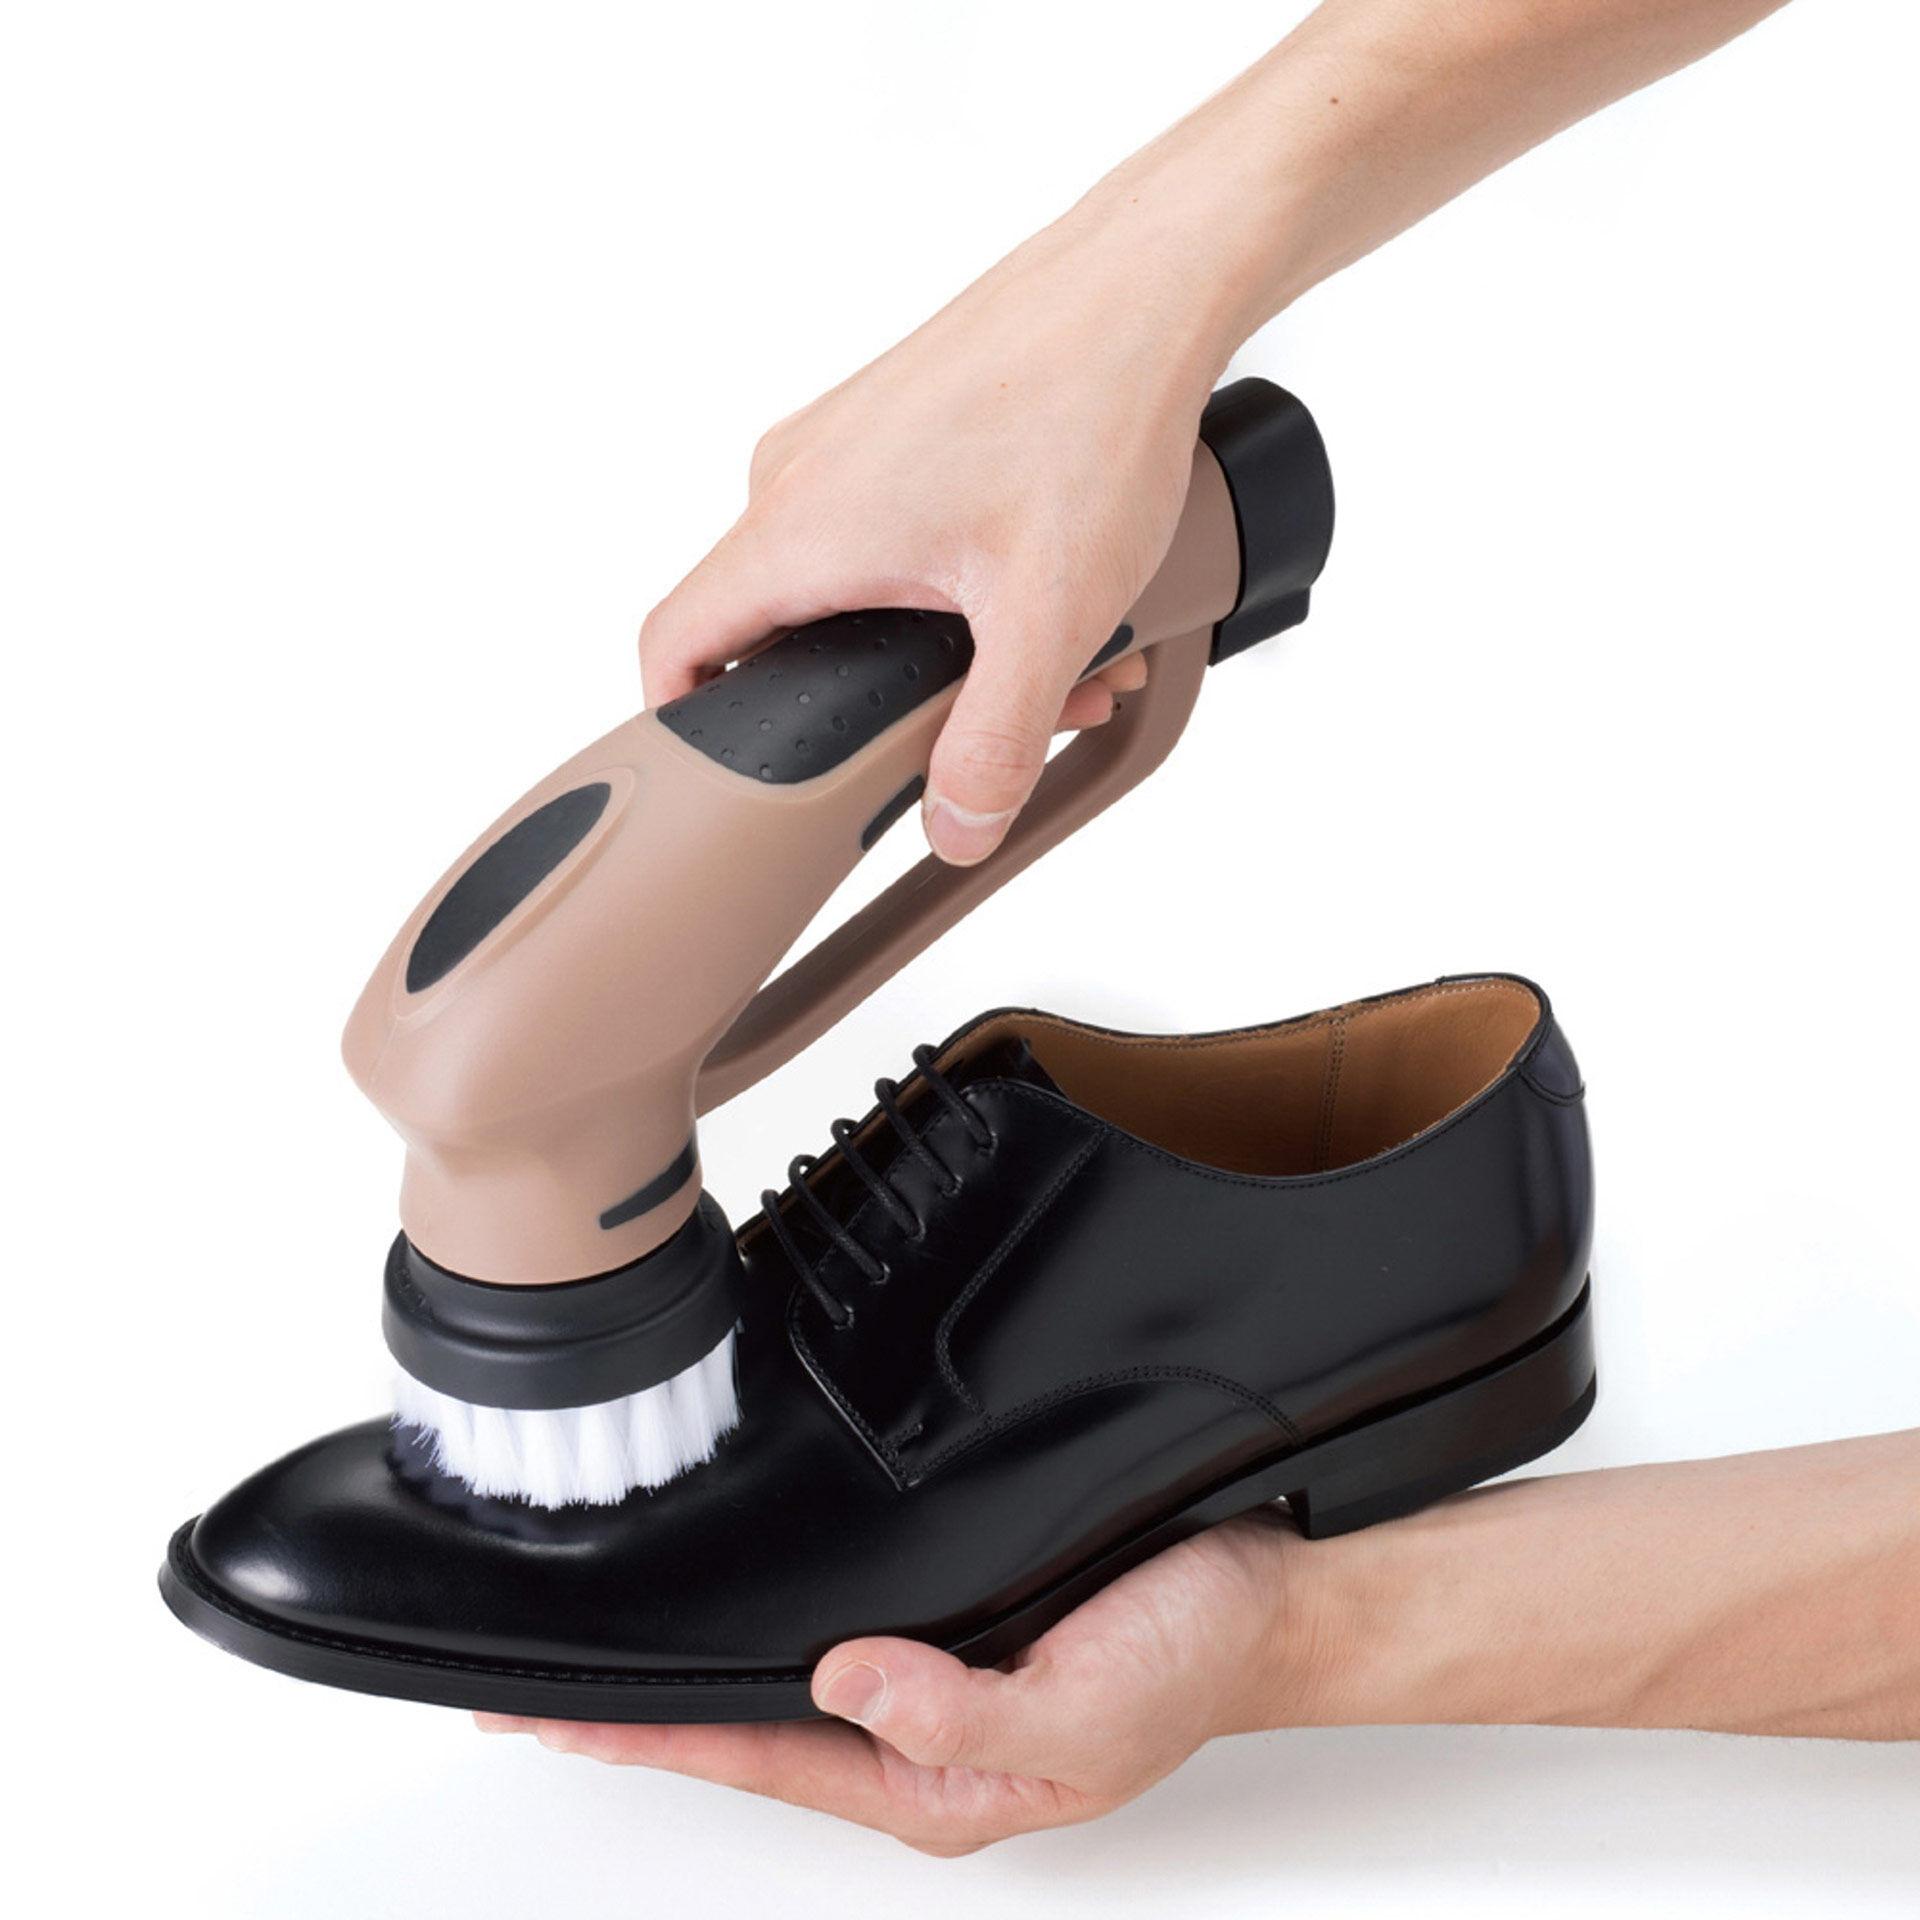 Kit de nettoyage de chaussures à piles, , large